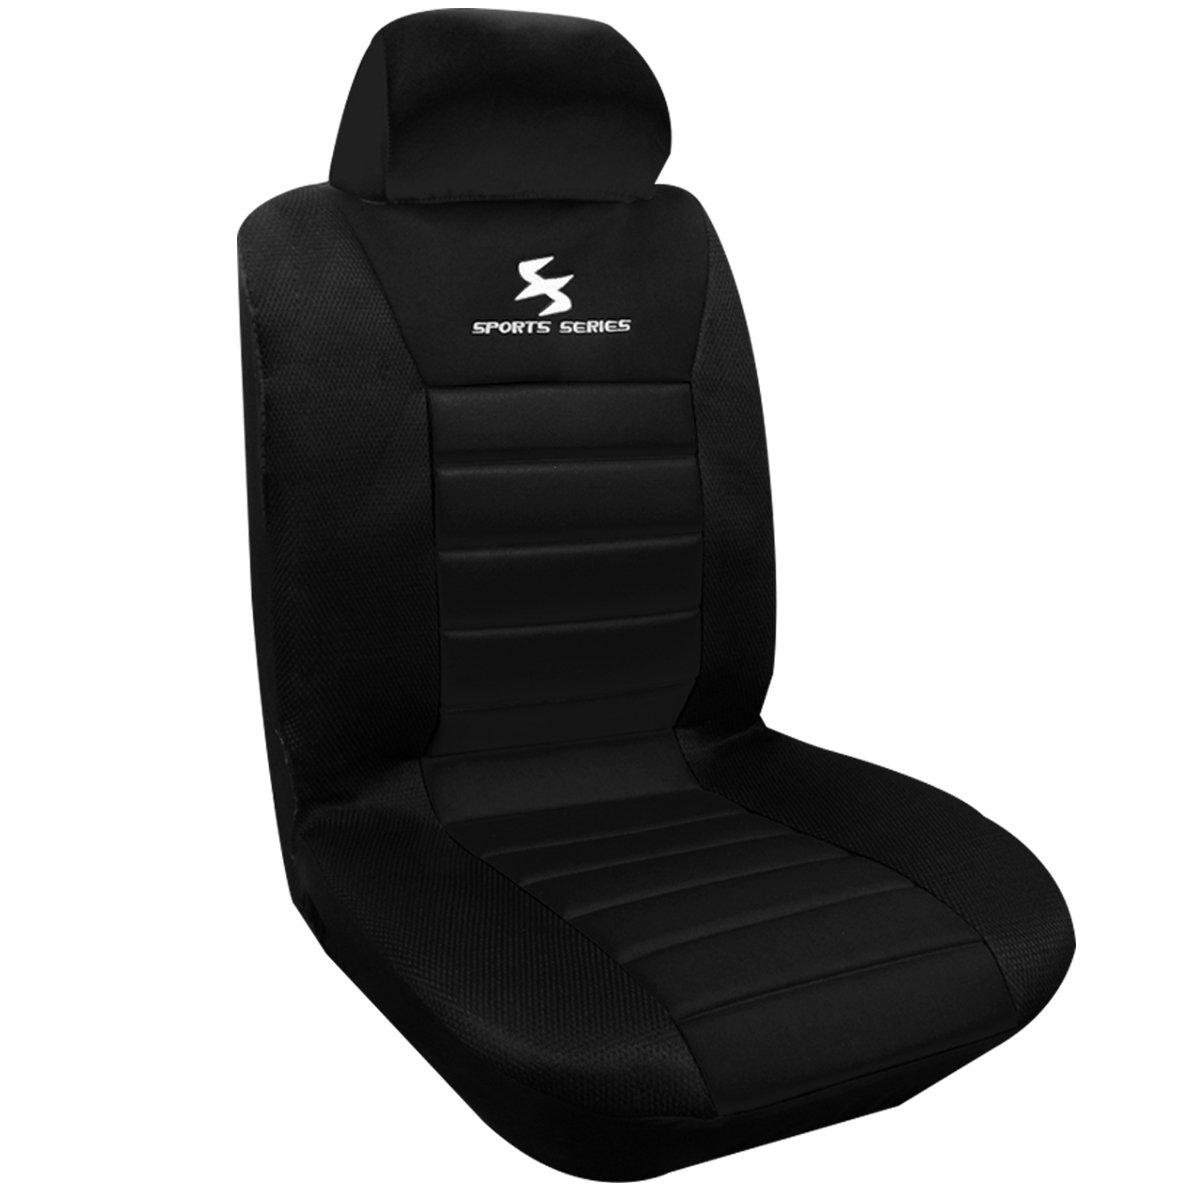 WOLTU AS7256 Coprisedile Anteriore Singolo Universale per Auto Seat Cover Protezione per Sedile di Poliestere Nero/Blu